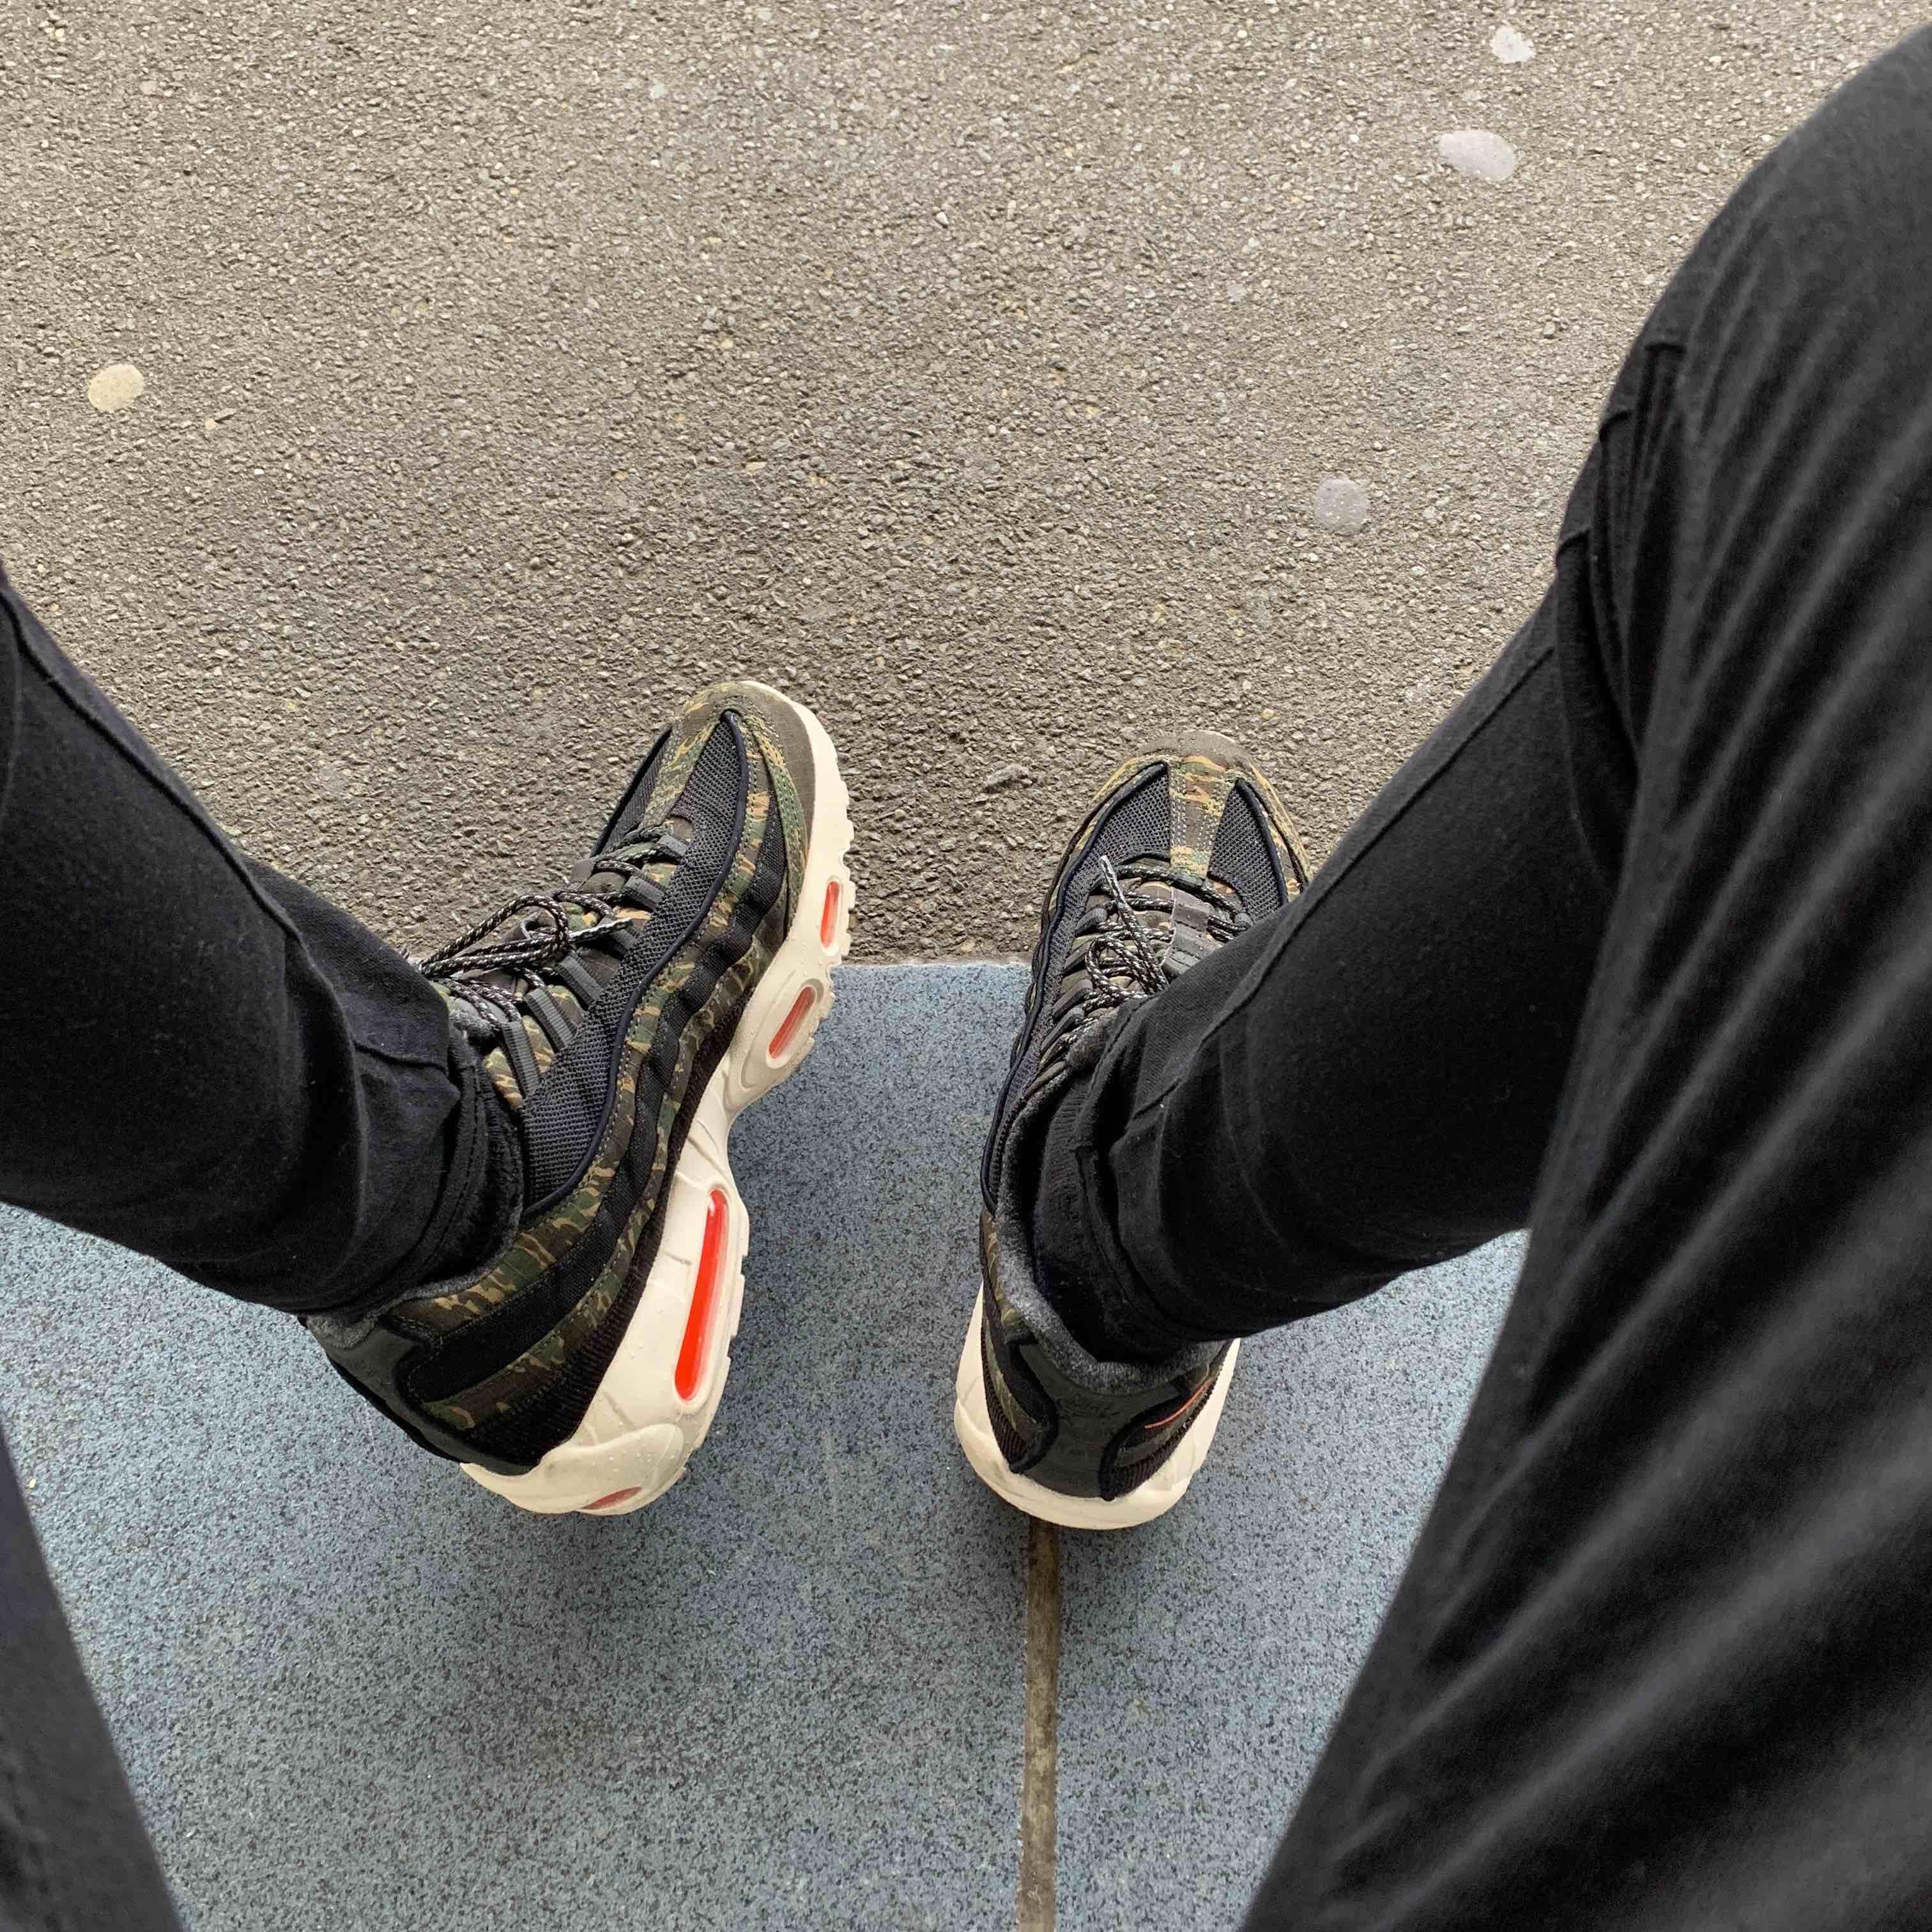 駅にてお気に入りの一足✨ #airmax #airmax95 #carhart